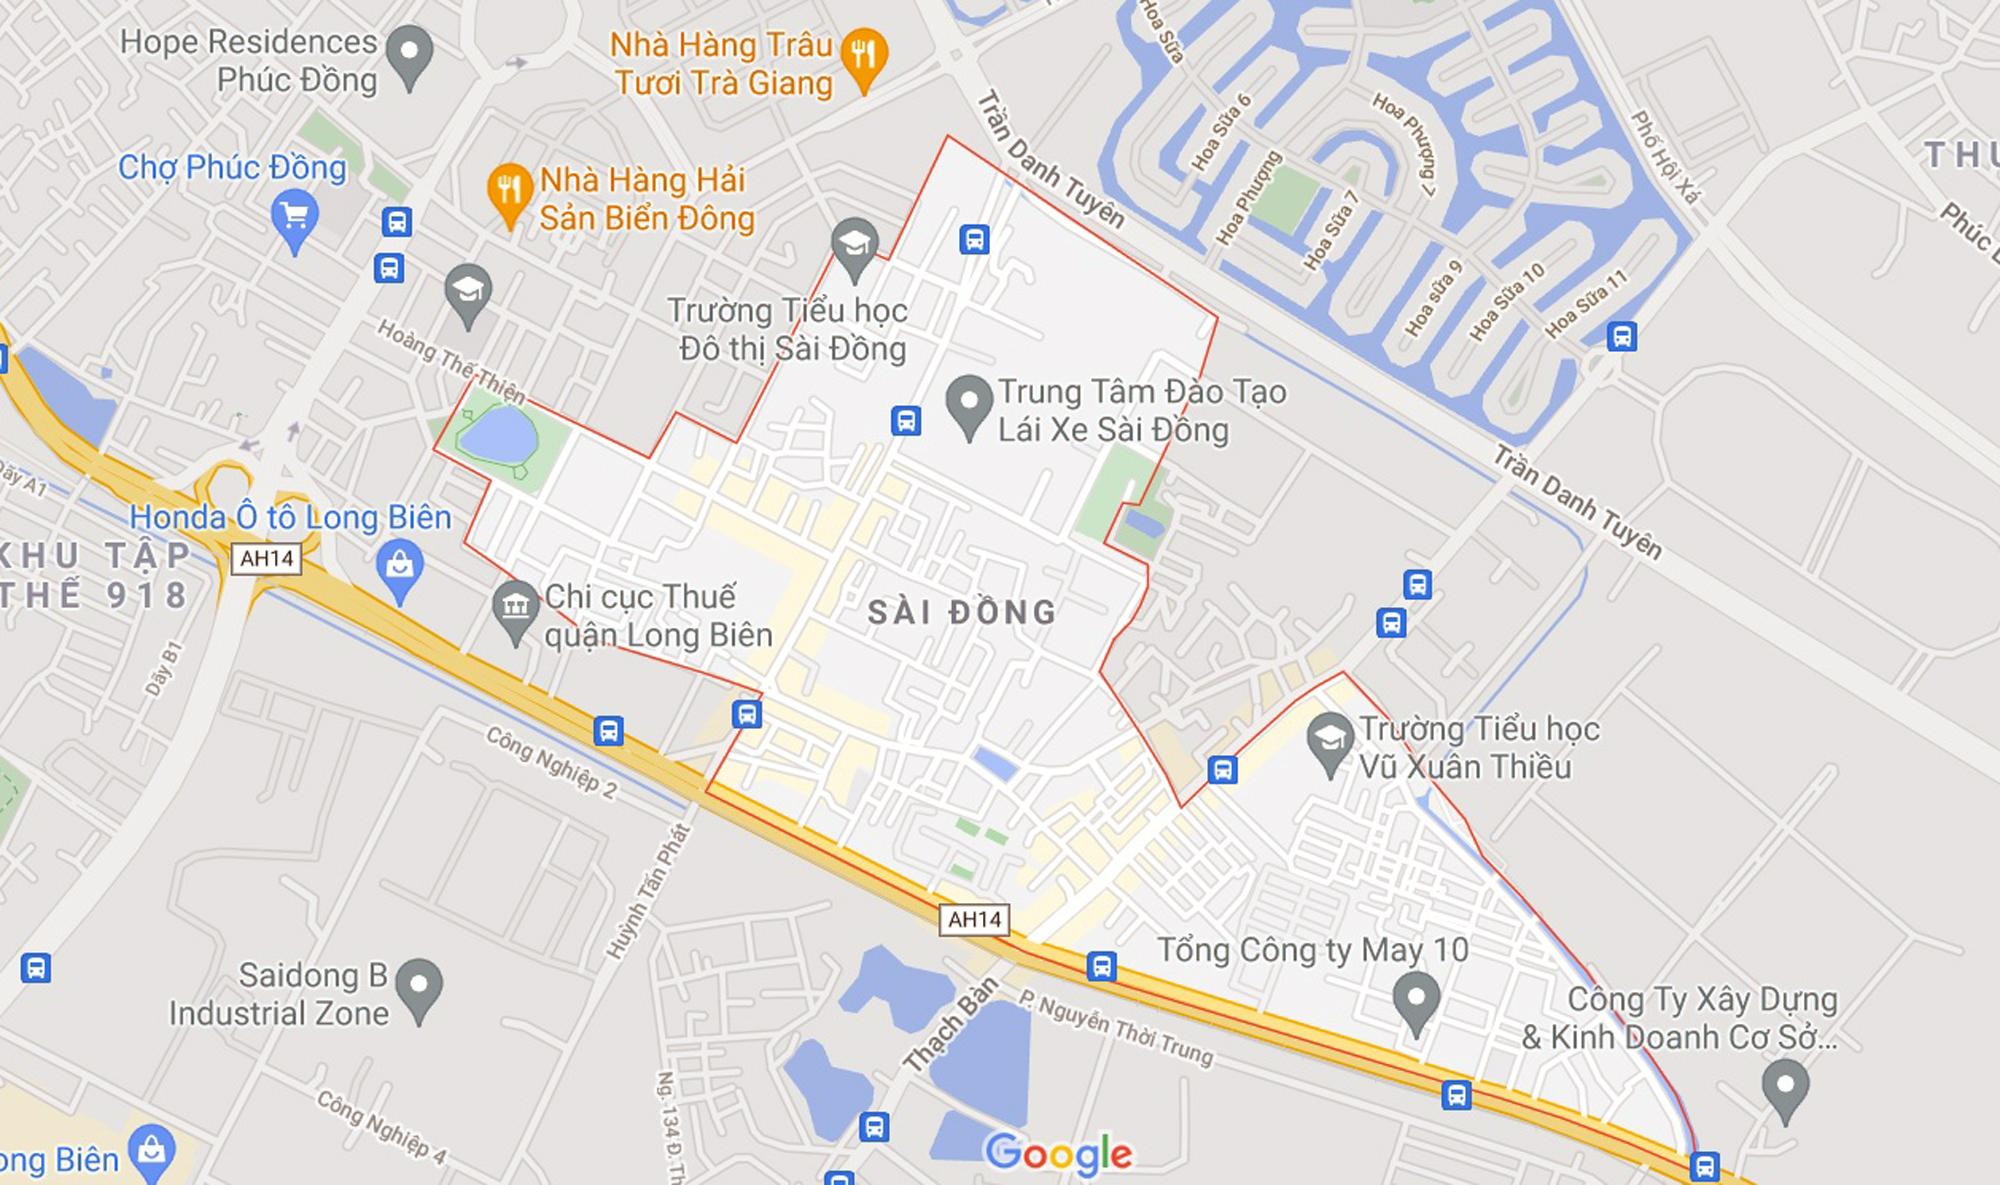 Những khu đất sắp thu hồi để mở đường ở phường Sài Đồng, Long Biên, Hà Nội (phần 1) - Ảnh 1.